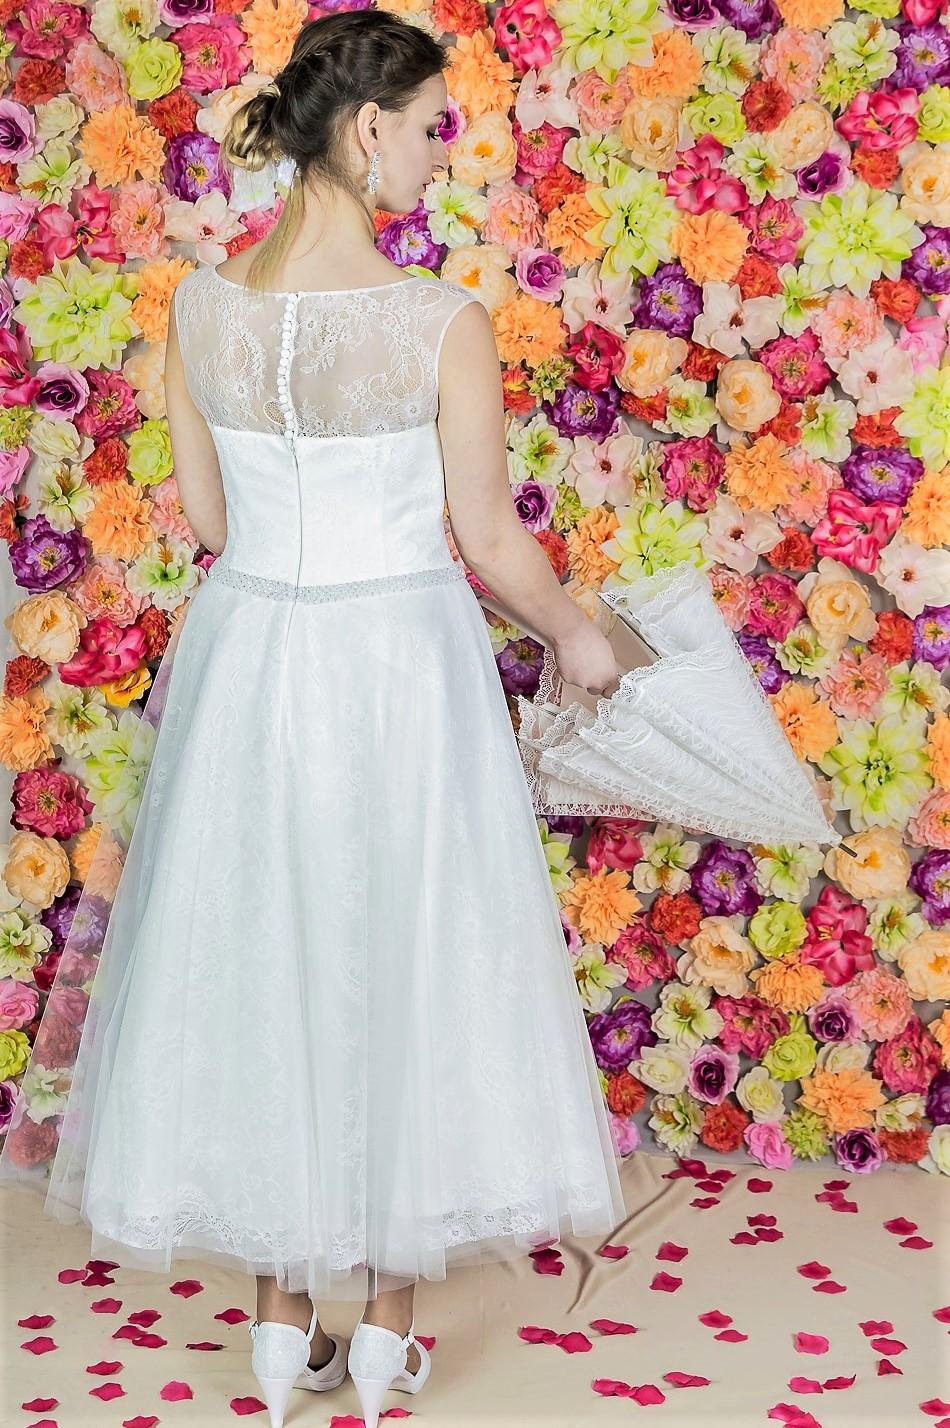 Suknia ślubna Model 822 ; z8 Suknie ślubne, szycie miarowe, szycie na miarę, producent, suknia ślubna, moda ślubna, salon sukien ślubnych, suknie ślubne galeria, zdjęcia sukni ślubnych, krótkie suknie ślubne, długie suknie ślubne, klasyczne suknie ślubne, koronkowe suknie ślubne, suknia, ślub, zielona góra, panna młoda, wesele, żary, żagań, słubice, świebodzin, sulechów, krosno odrzańskie, nowogród bobrzański, gubin, nowa sól, lubuskie, dolnośląskie, Brautkleider, Hochzeitskleid, Brautmode, Brautkleid, Hochzeitskleider, mit Schleppe, Hochzeit , Hersteller, massgefertigte Brautkleider, Brautkleider nach Maß. Hochzeitsmode aus Polen, allen Größen, wedding, Polen, Zary, Guben, lausitz, Wedding dress, Cottbus, Dresden, Berlin, Anzüge